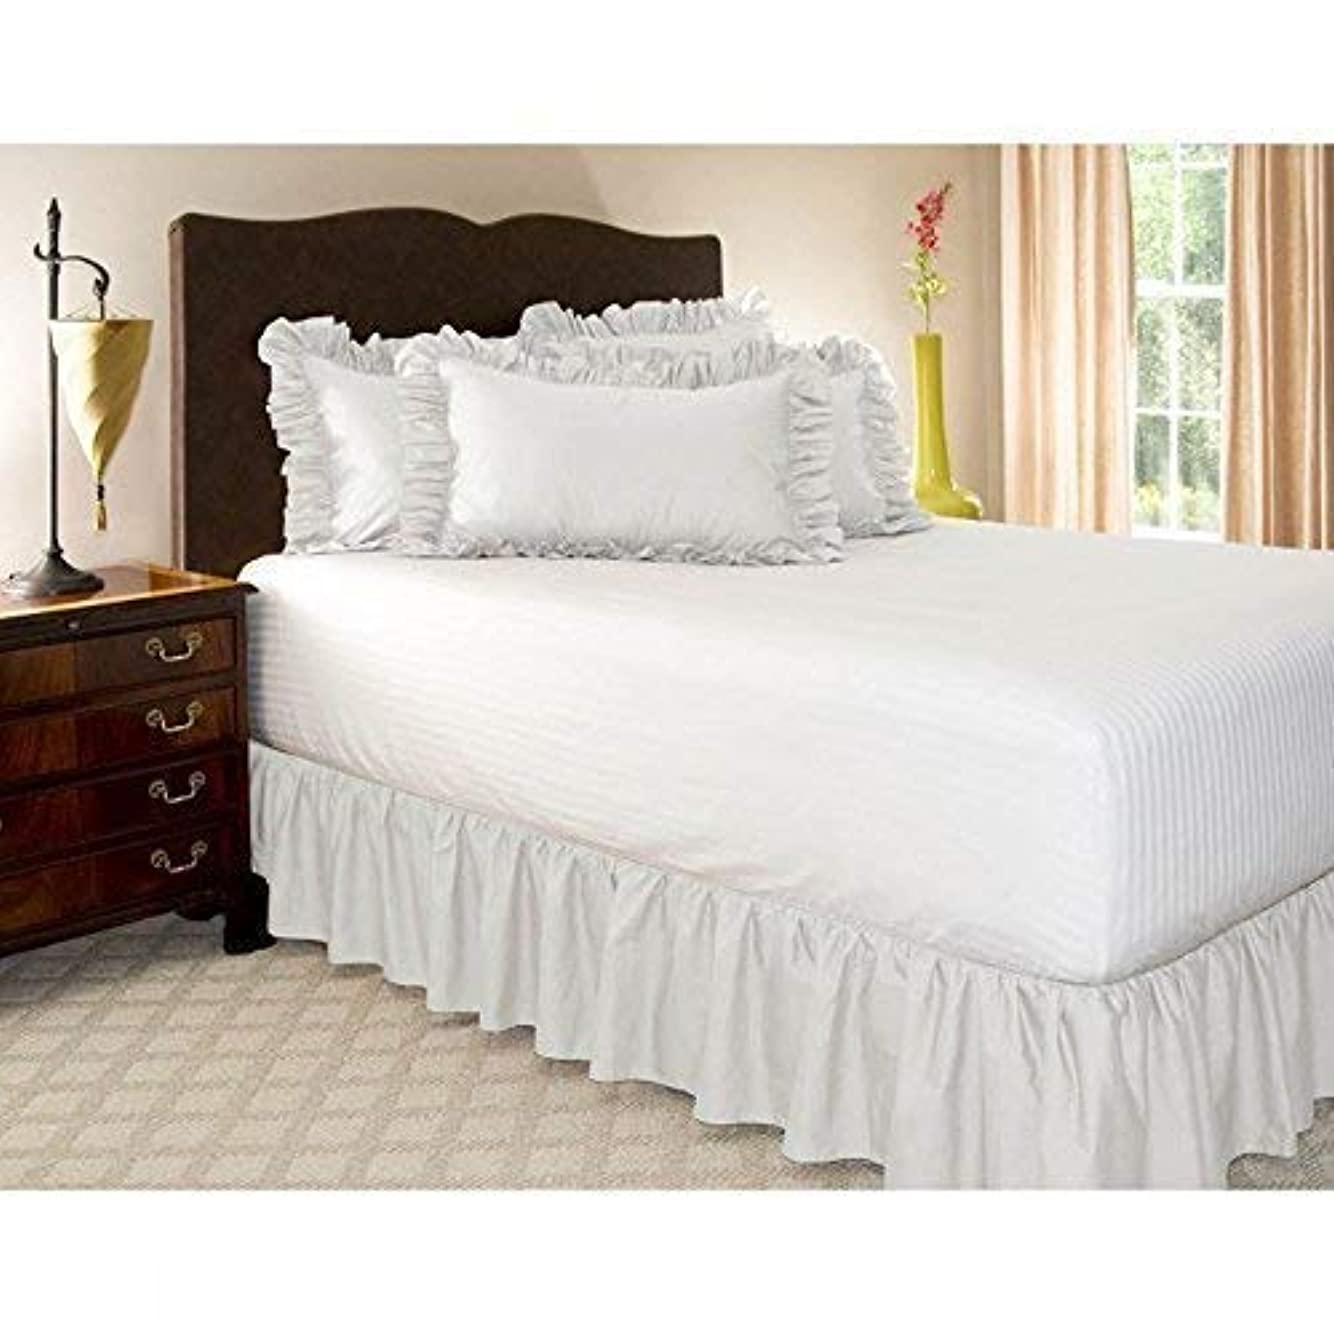 縞模様の紳士反対にDEWEL ベッドスカート シングル フリル ラップアラウンドスタイル 簡単フィット 伸縮ベッドラッフル シンプル 無地 ホワイト (シングル, 1)